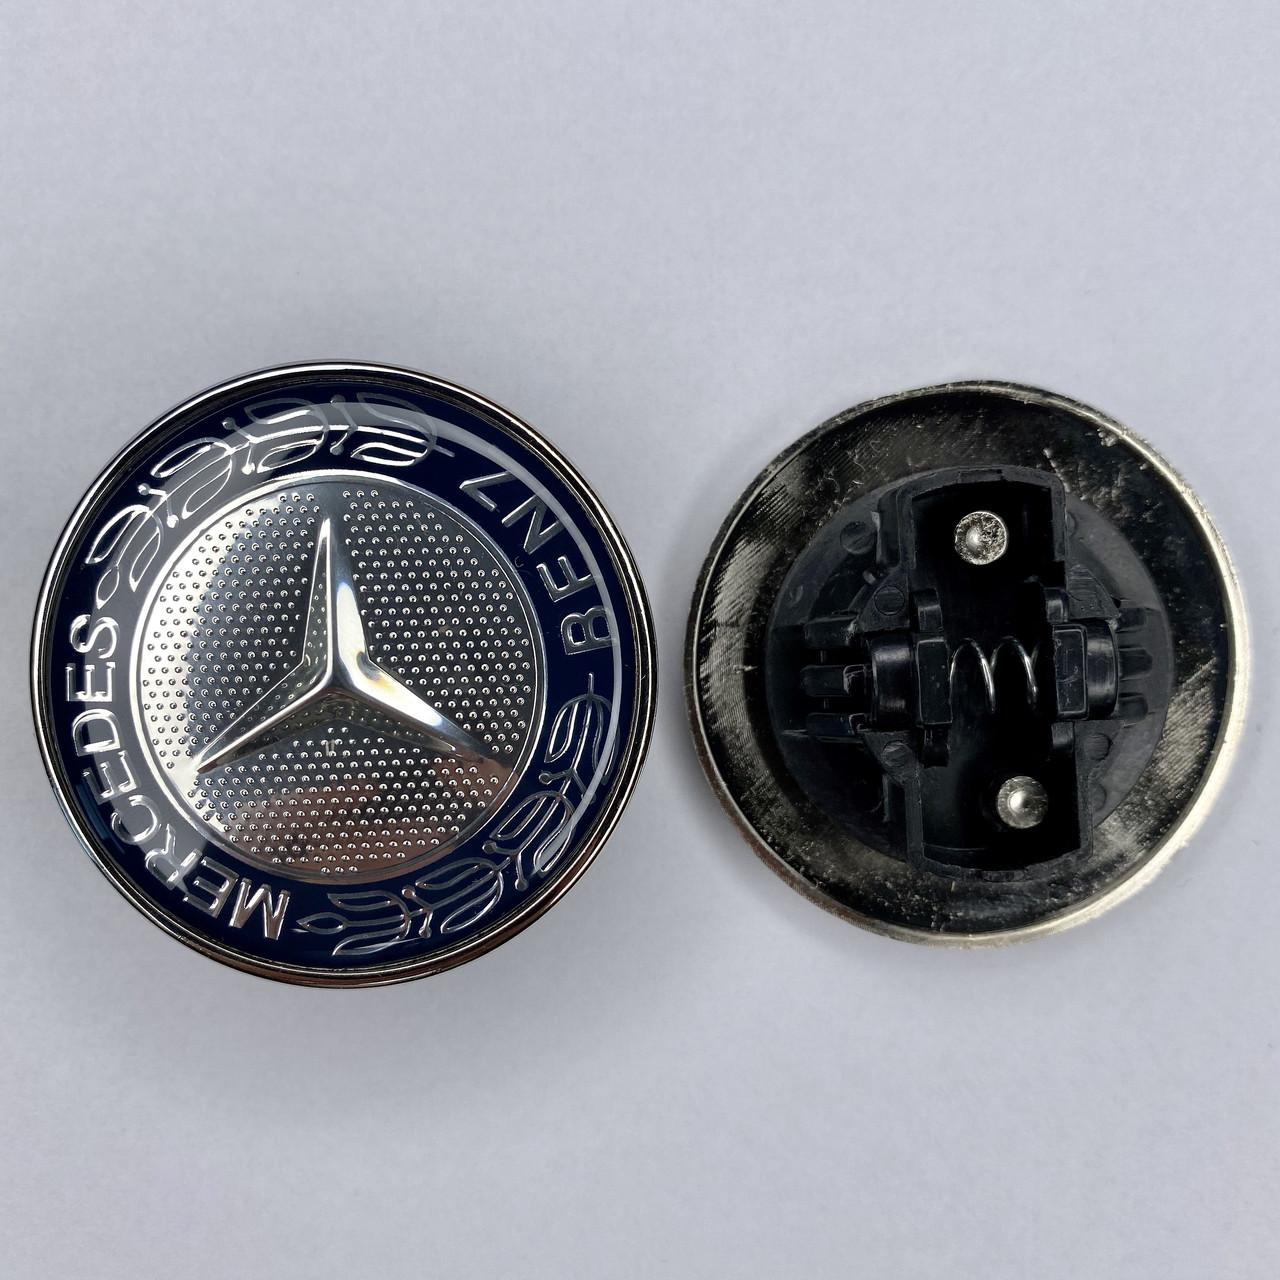 Эмблема Mercedes 56 мм на капот w124(рестайл)/w210/w202/w203 /w204/w140/w211/w221/w220